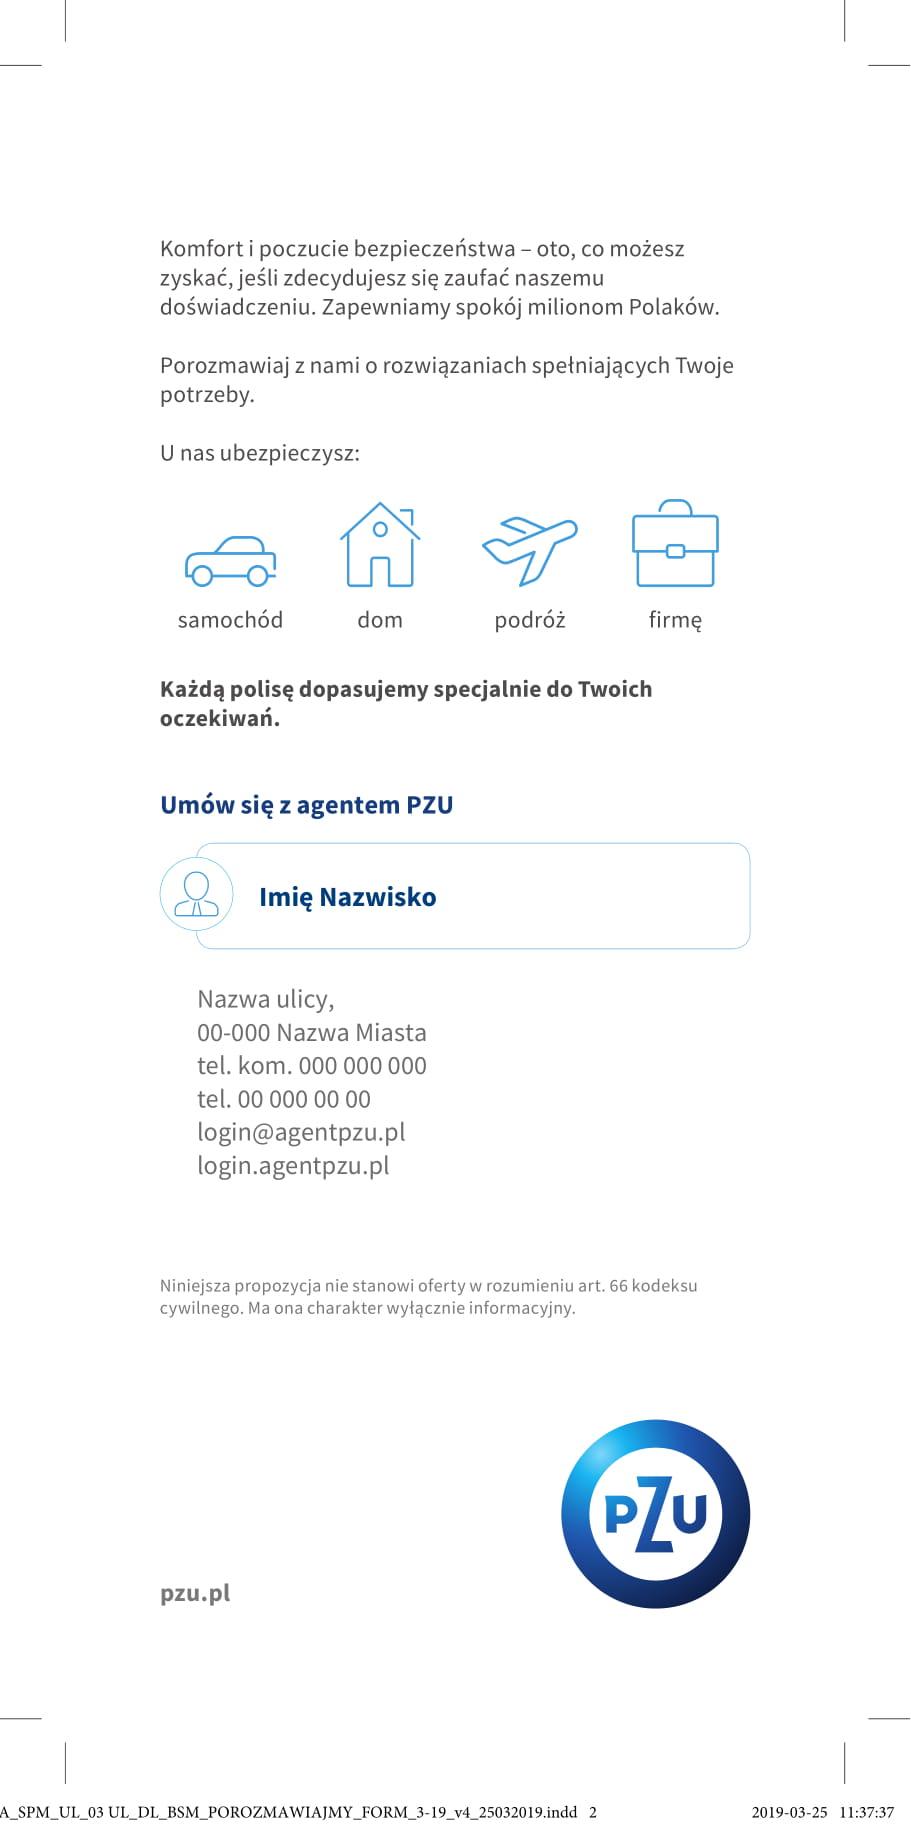 PZU Gdańsk - Agent Ubezpieczeniowy Andrzej Stolarczyk